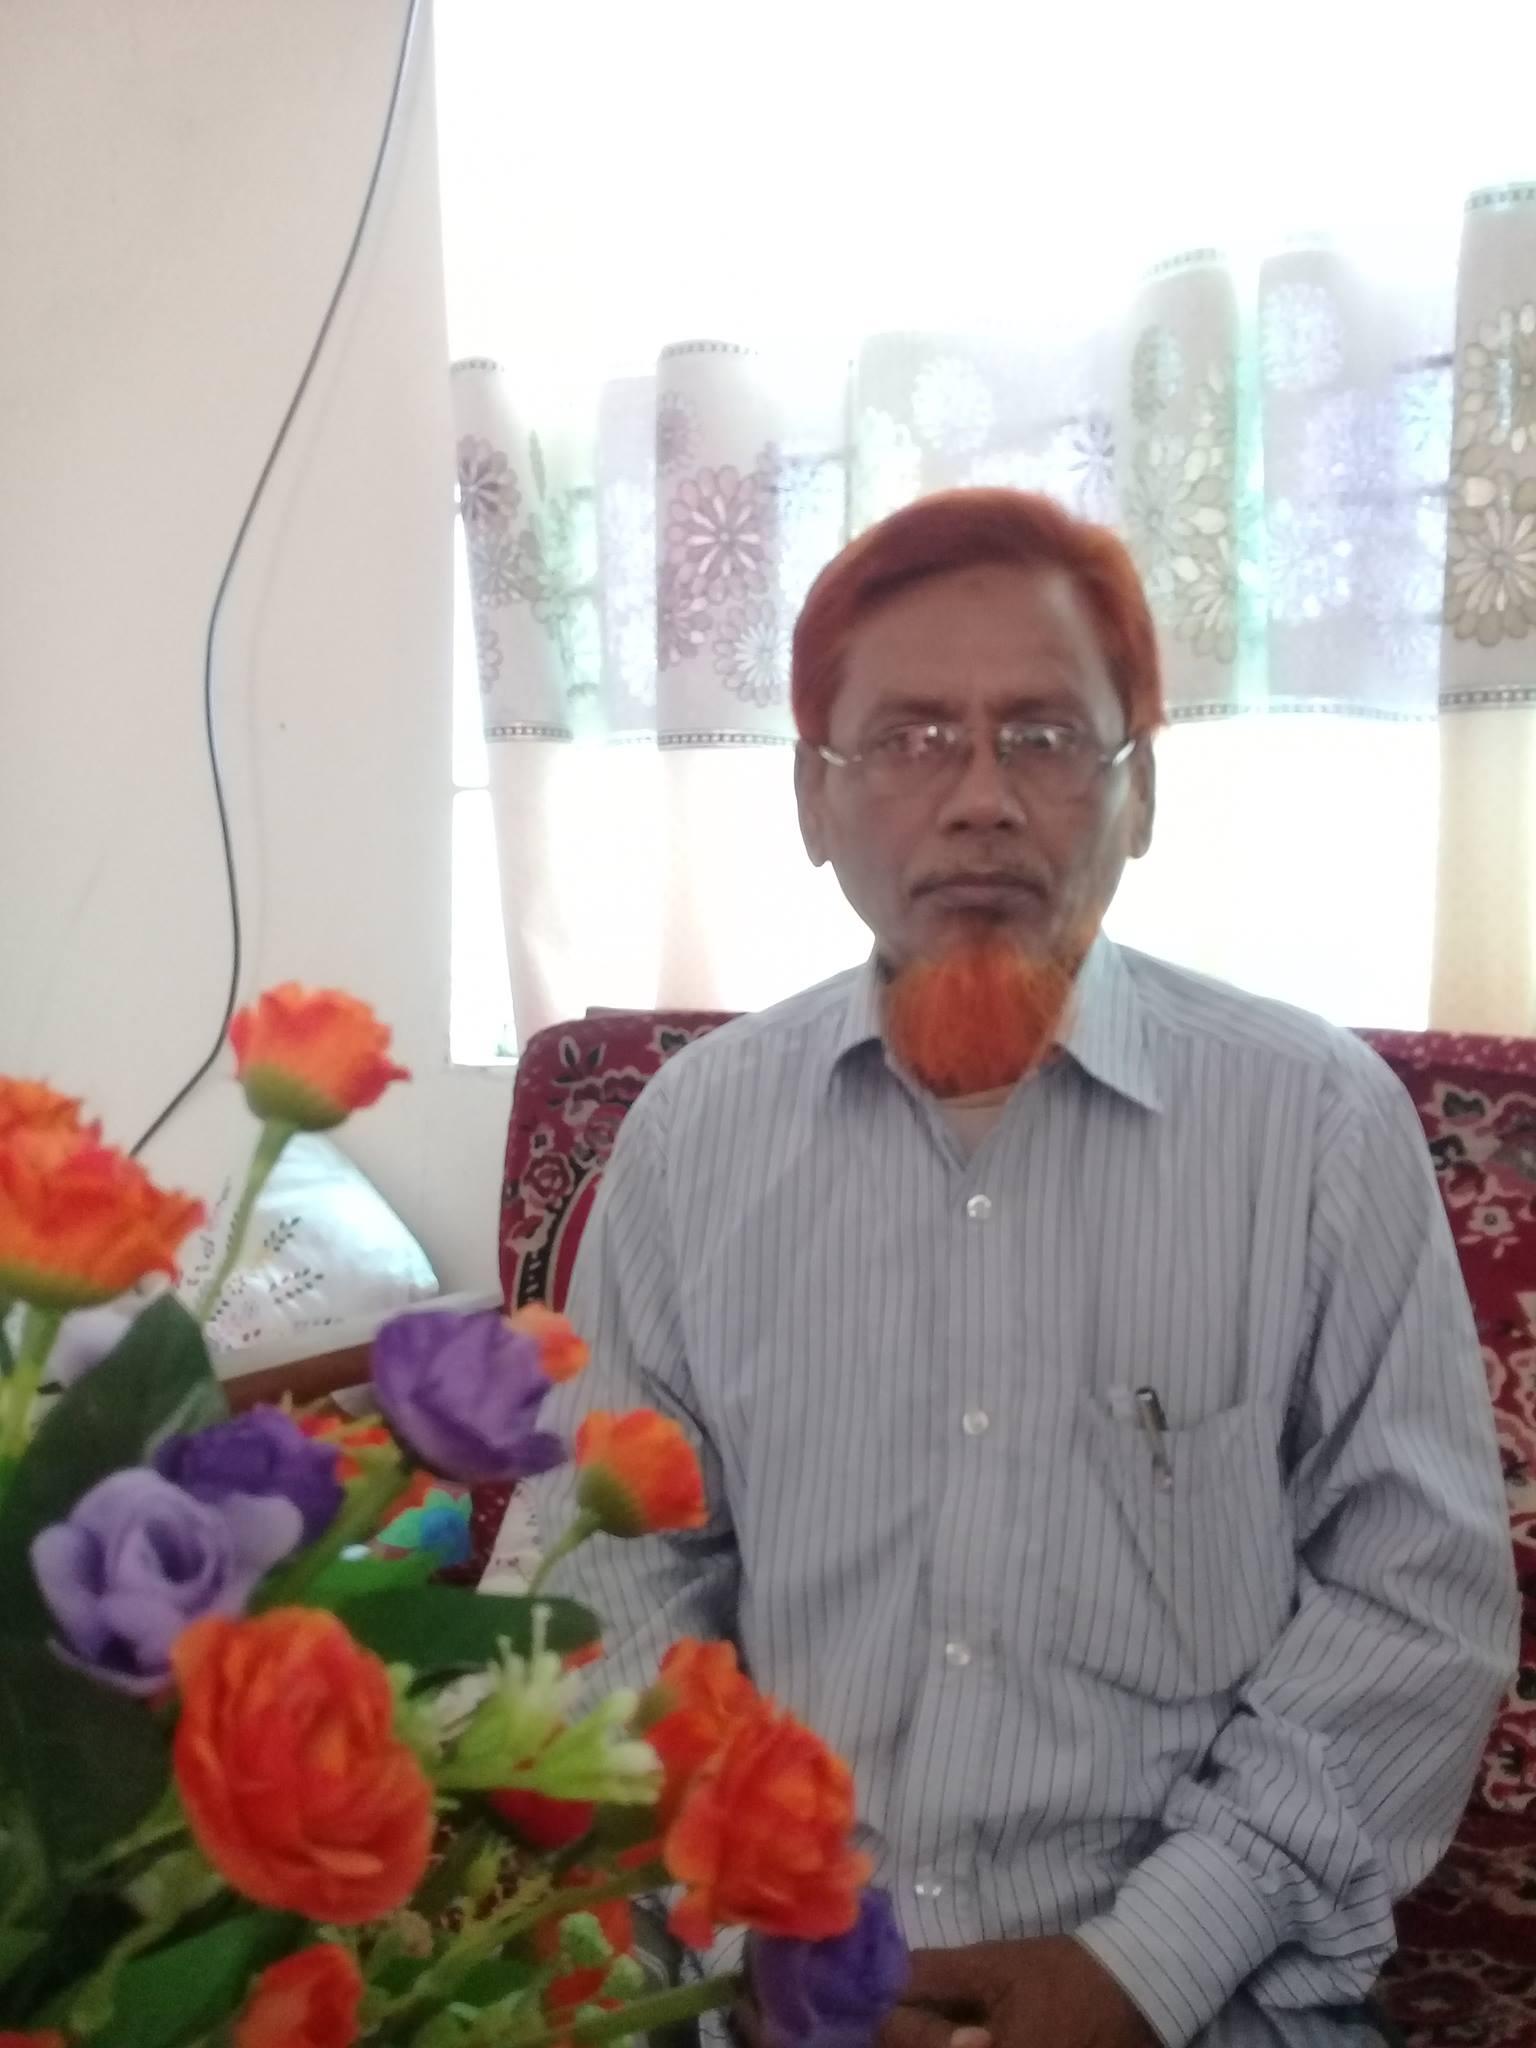 ড. প্রকৌঃ মোঃ ফরিদ উদ্দিন, অধ্যক্ষ